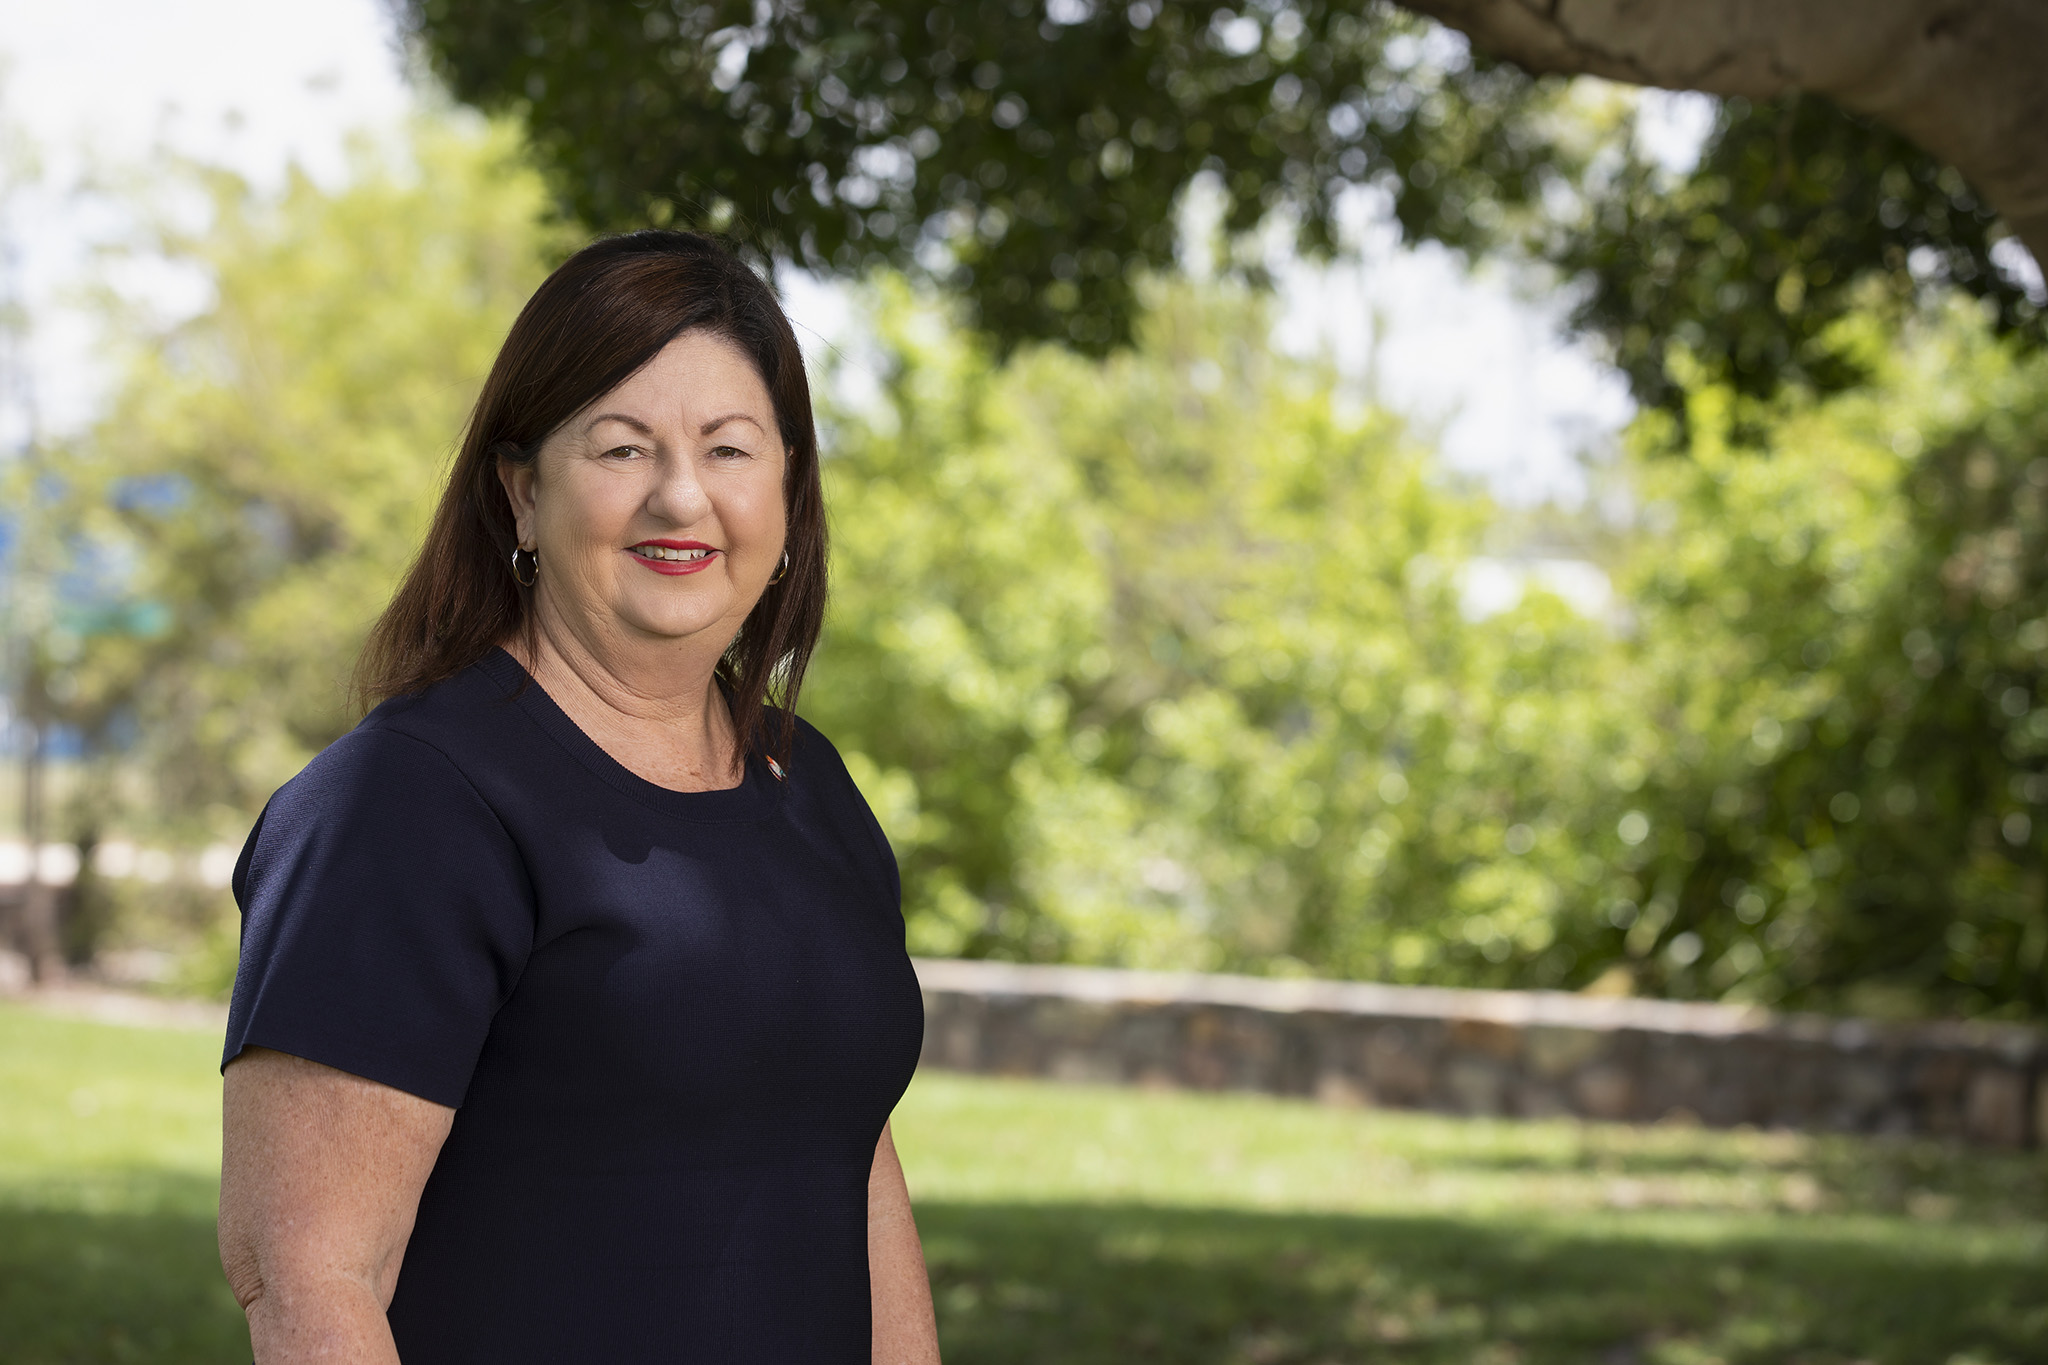 Mayor Anne Baker